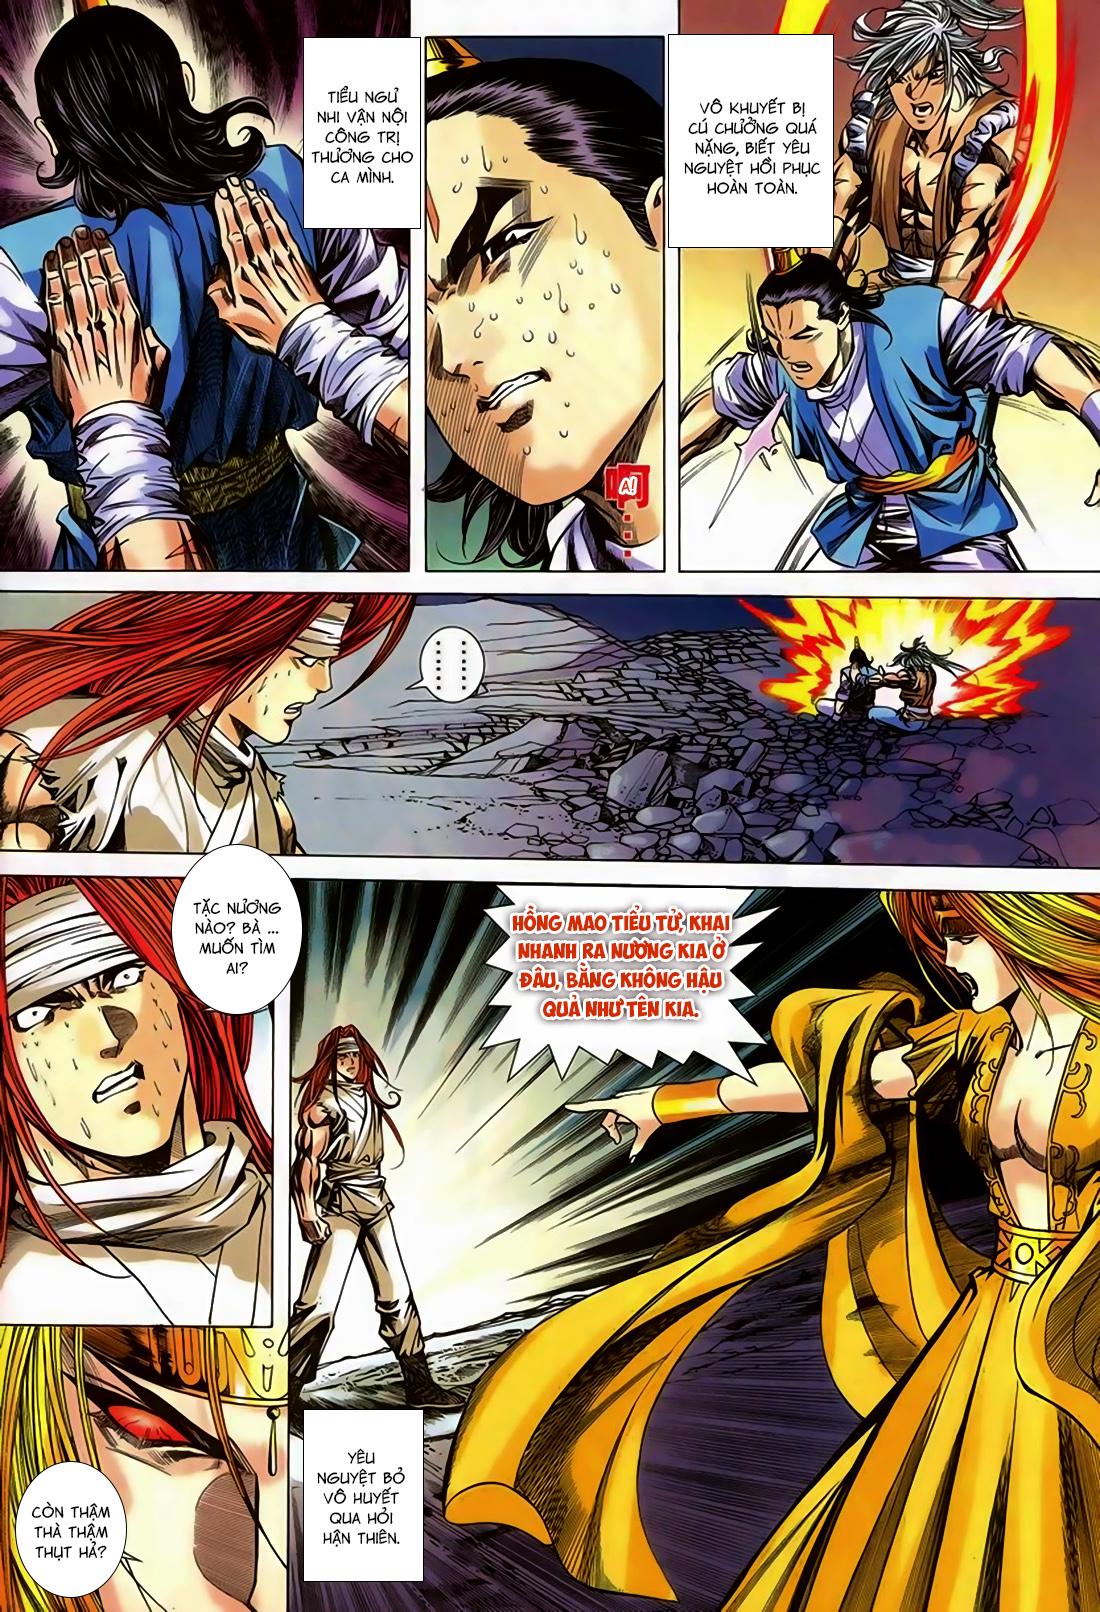 Song Hùng Kỳ Hiệp Chap 251 - Trang 8